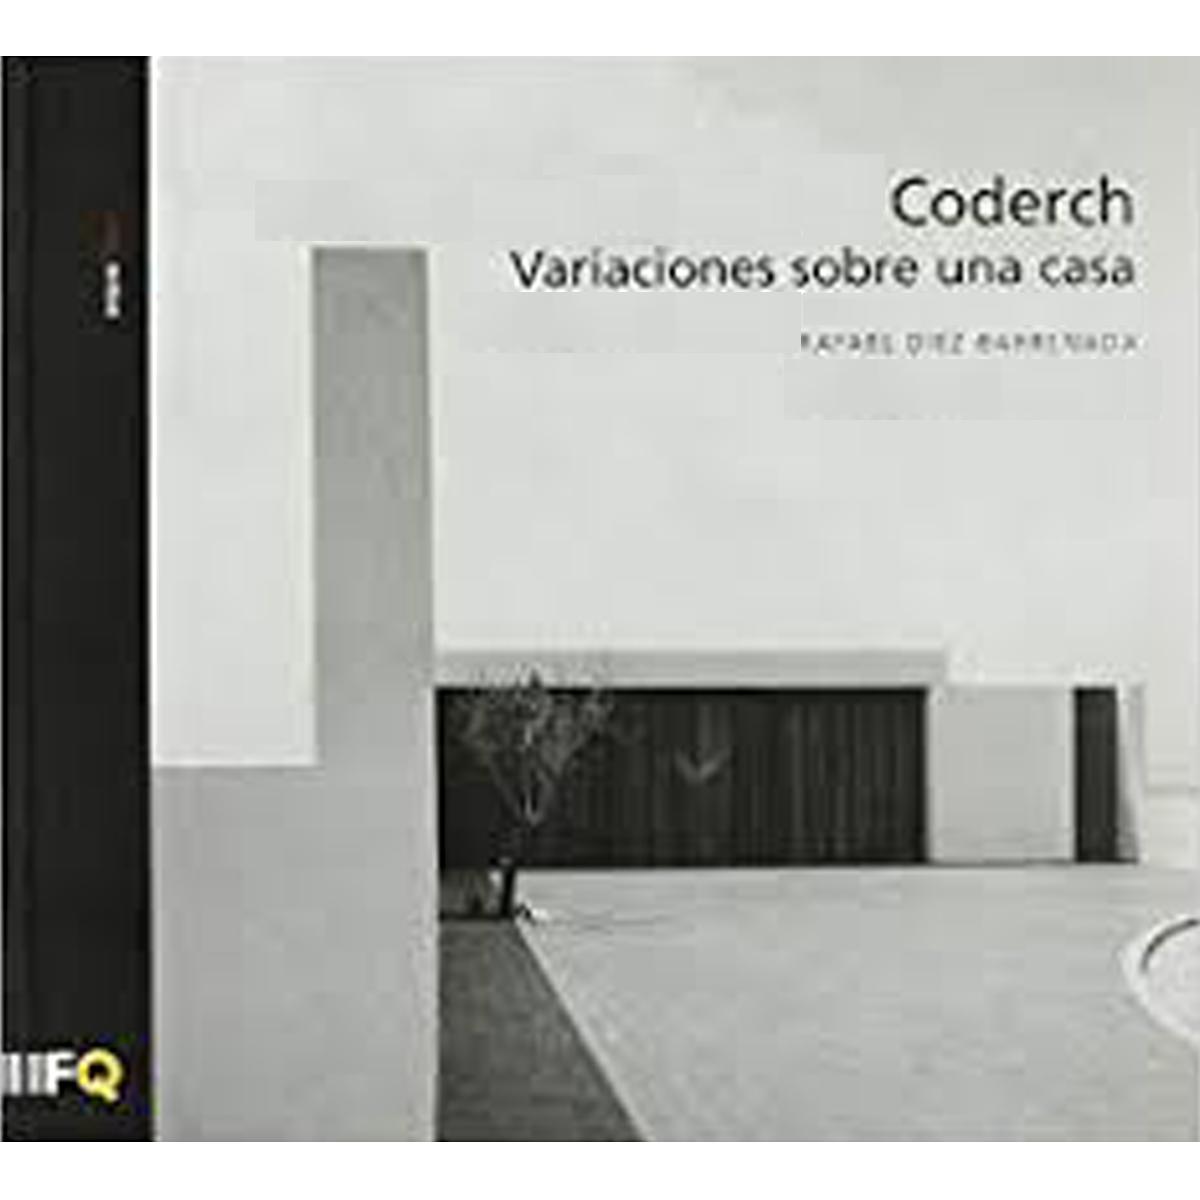 Coderch